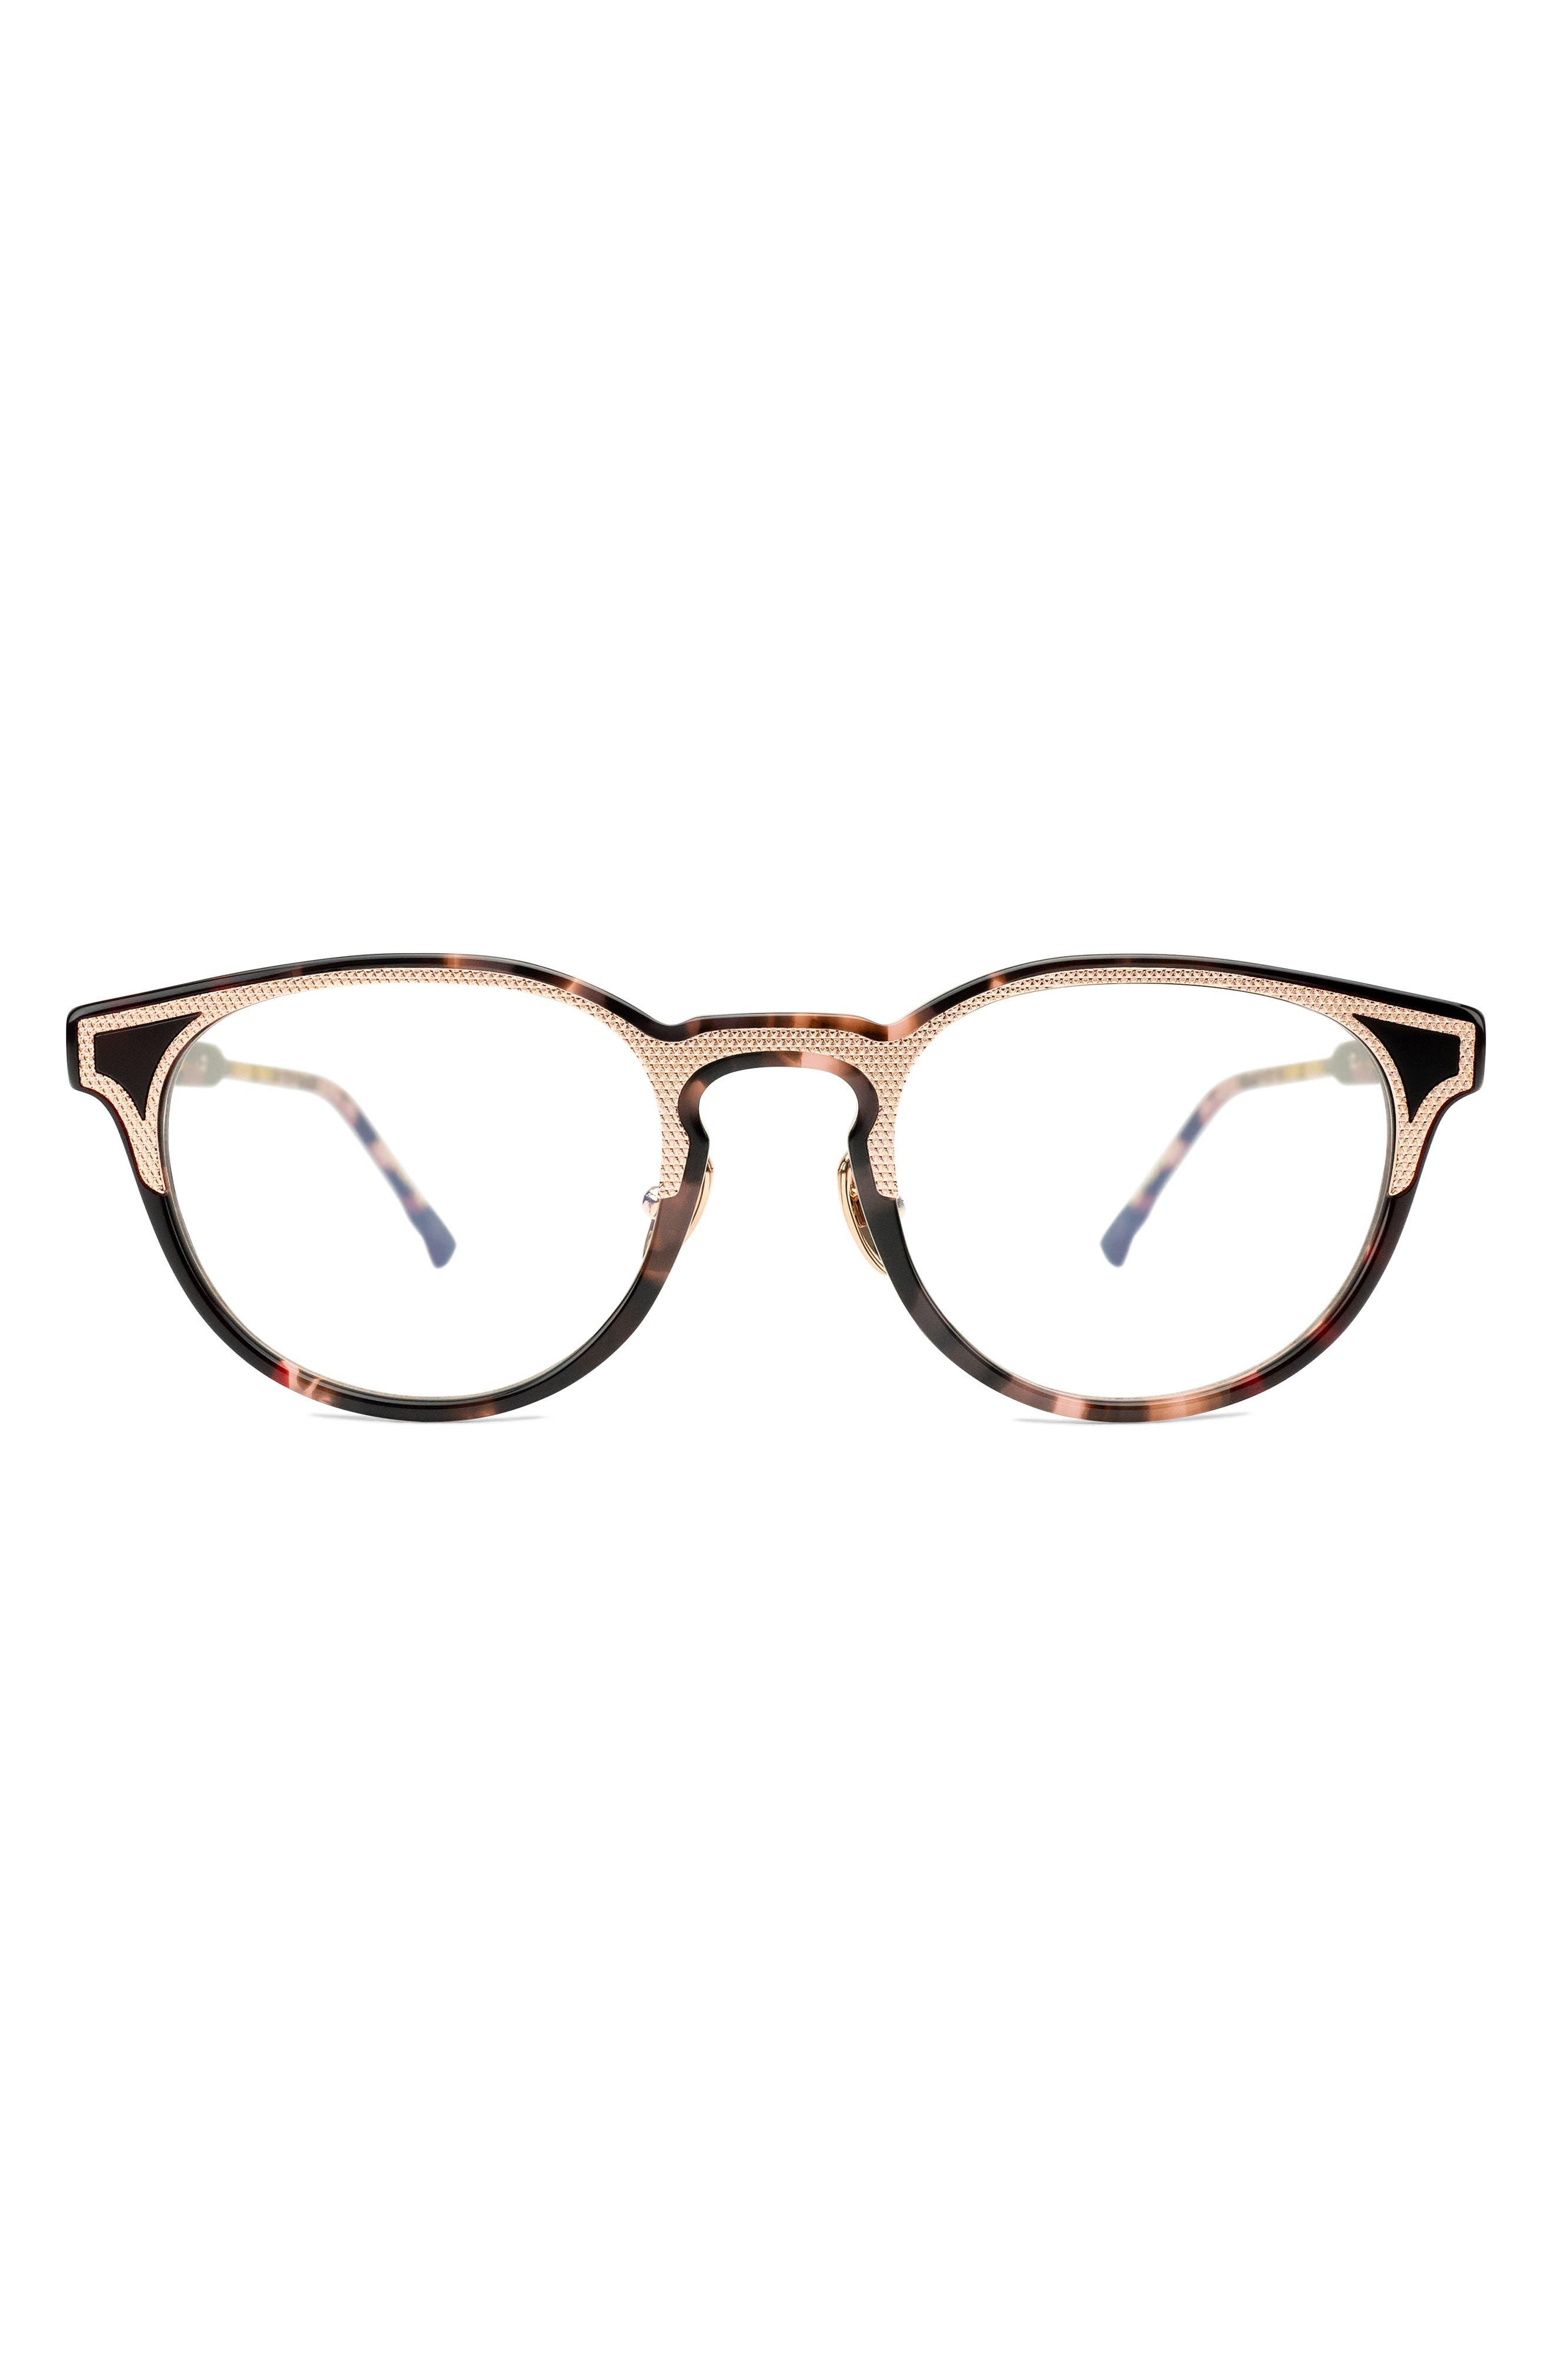 Spirit 49mm Round Blue Light Glasses